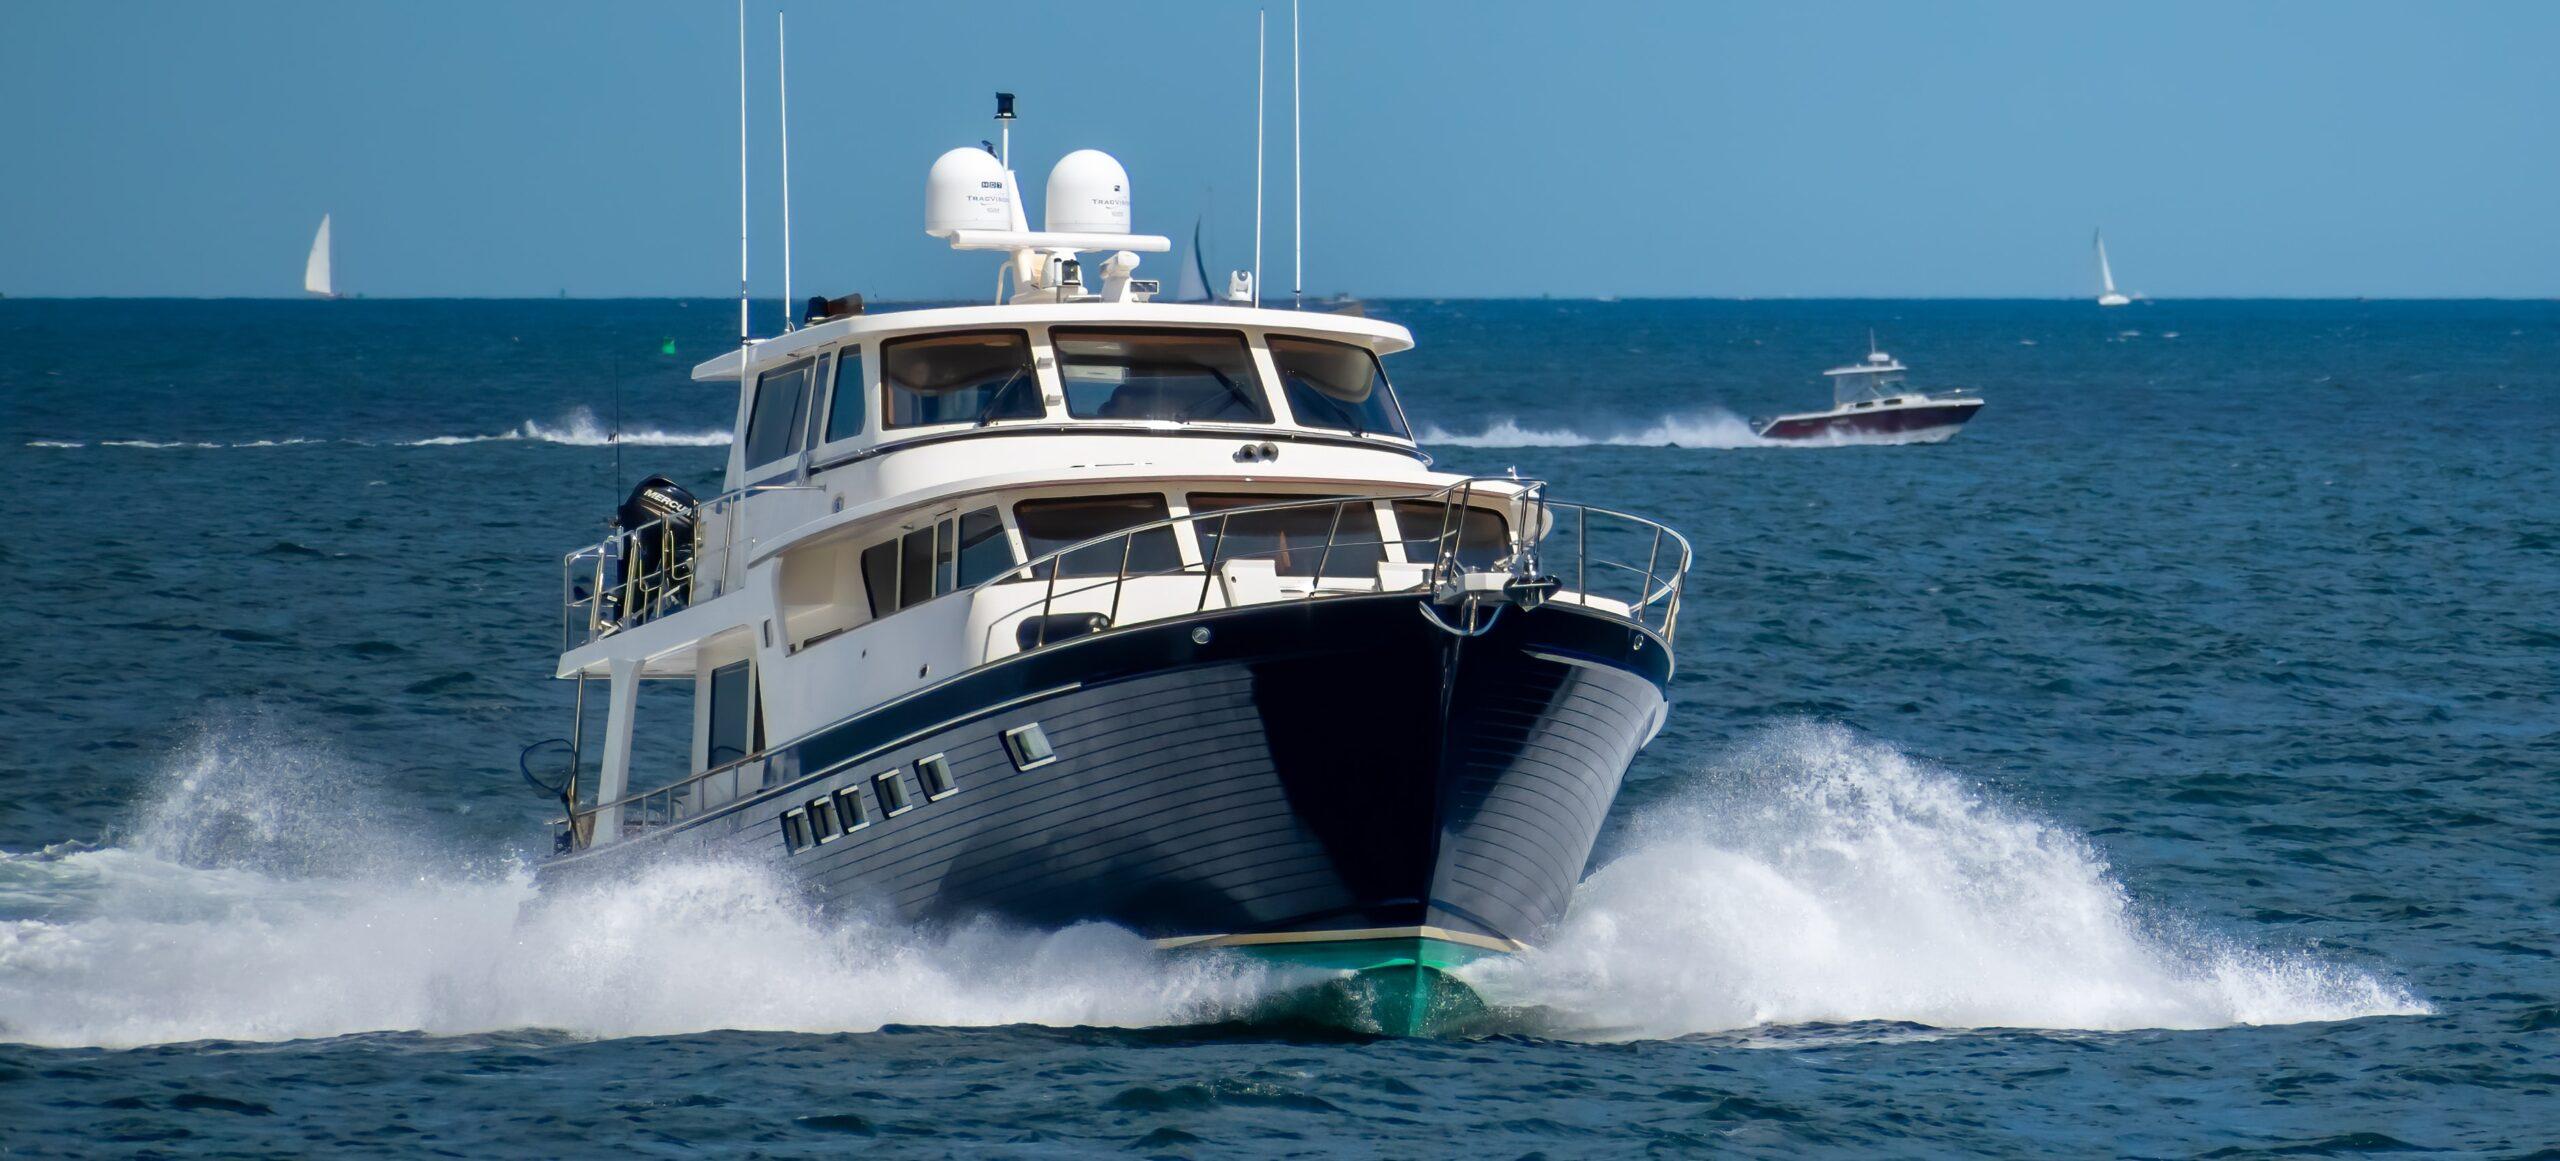 Kjøpt båt av privatperson med feil og mangler – Advokatbistand